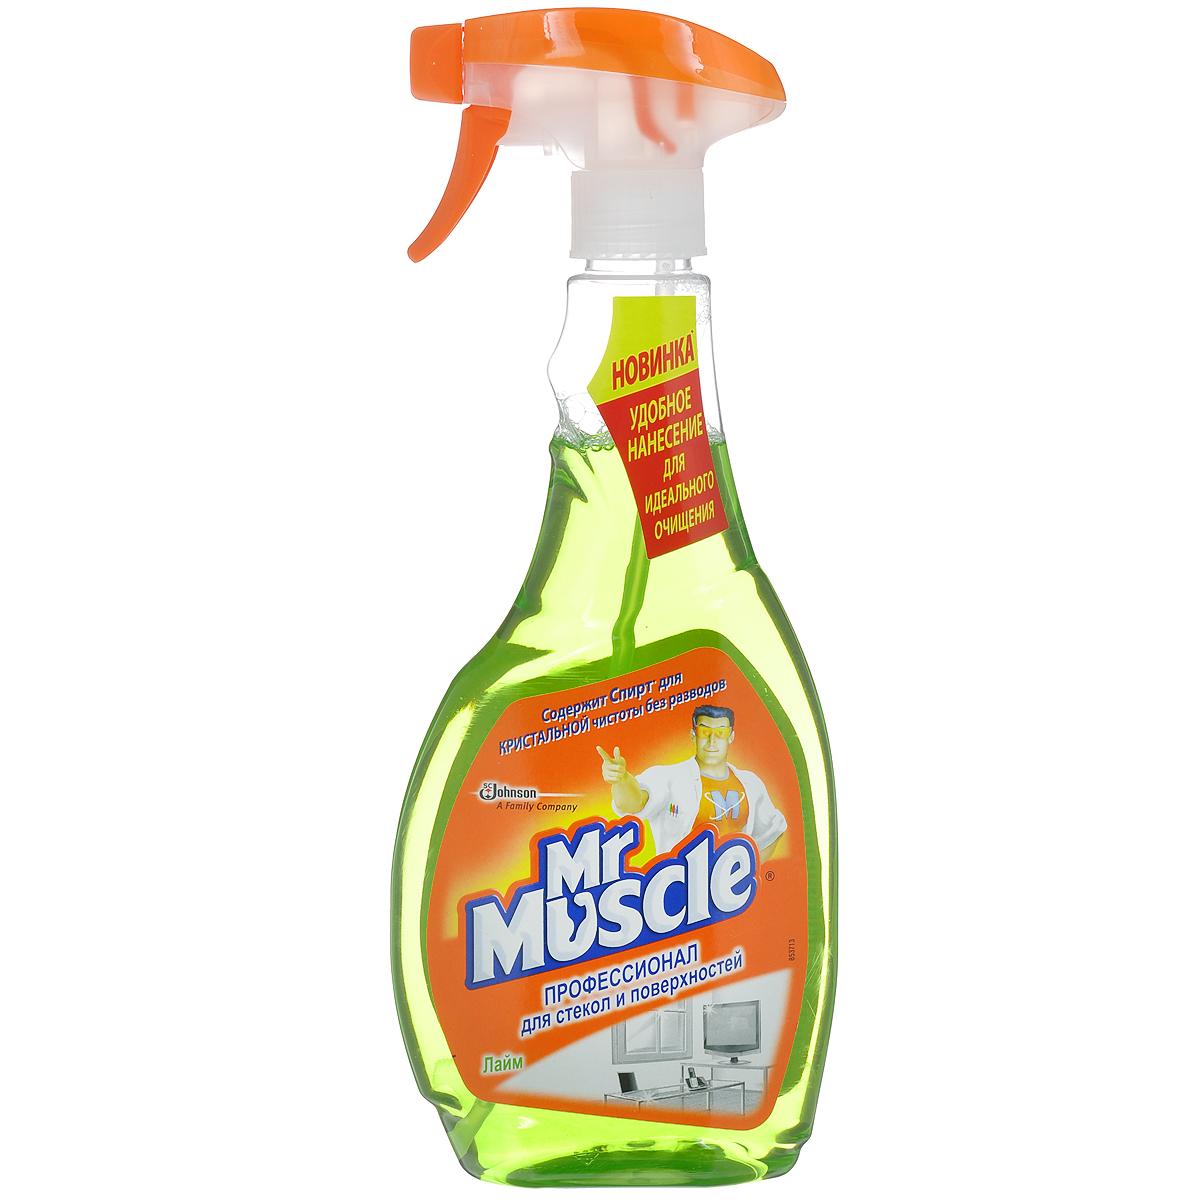 Чистящее средство для стекол и поверхностей Mr. Muscle Профессионал, лайм, 500 мл666933Благодаря входящему в состав изопропиловому спирту, чистящее средство Mr. Muscle Профессионал эффективно удаляет грязь, жир, сажу, минеральные масла, придает блеск и не оставляет разводов. Идеально подходит для мытья оконного, витринного автомобильного стекол, зеркал, кафеля, внешних панелей электробытовых приборов, хромированных поверхностей, поверхностей из нержавеющей стали, поверхности холодильника. Обладает приятным ароматом лайма. Состав: вода, органический растворитель, н-ПАВ менее5%, цитрат натрия, изопропиловый спирт, а-ПАВ менее 5%, отдушка, гидроксид аммония, красители. Товар сертифицирован.